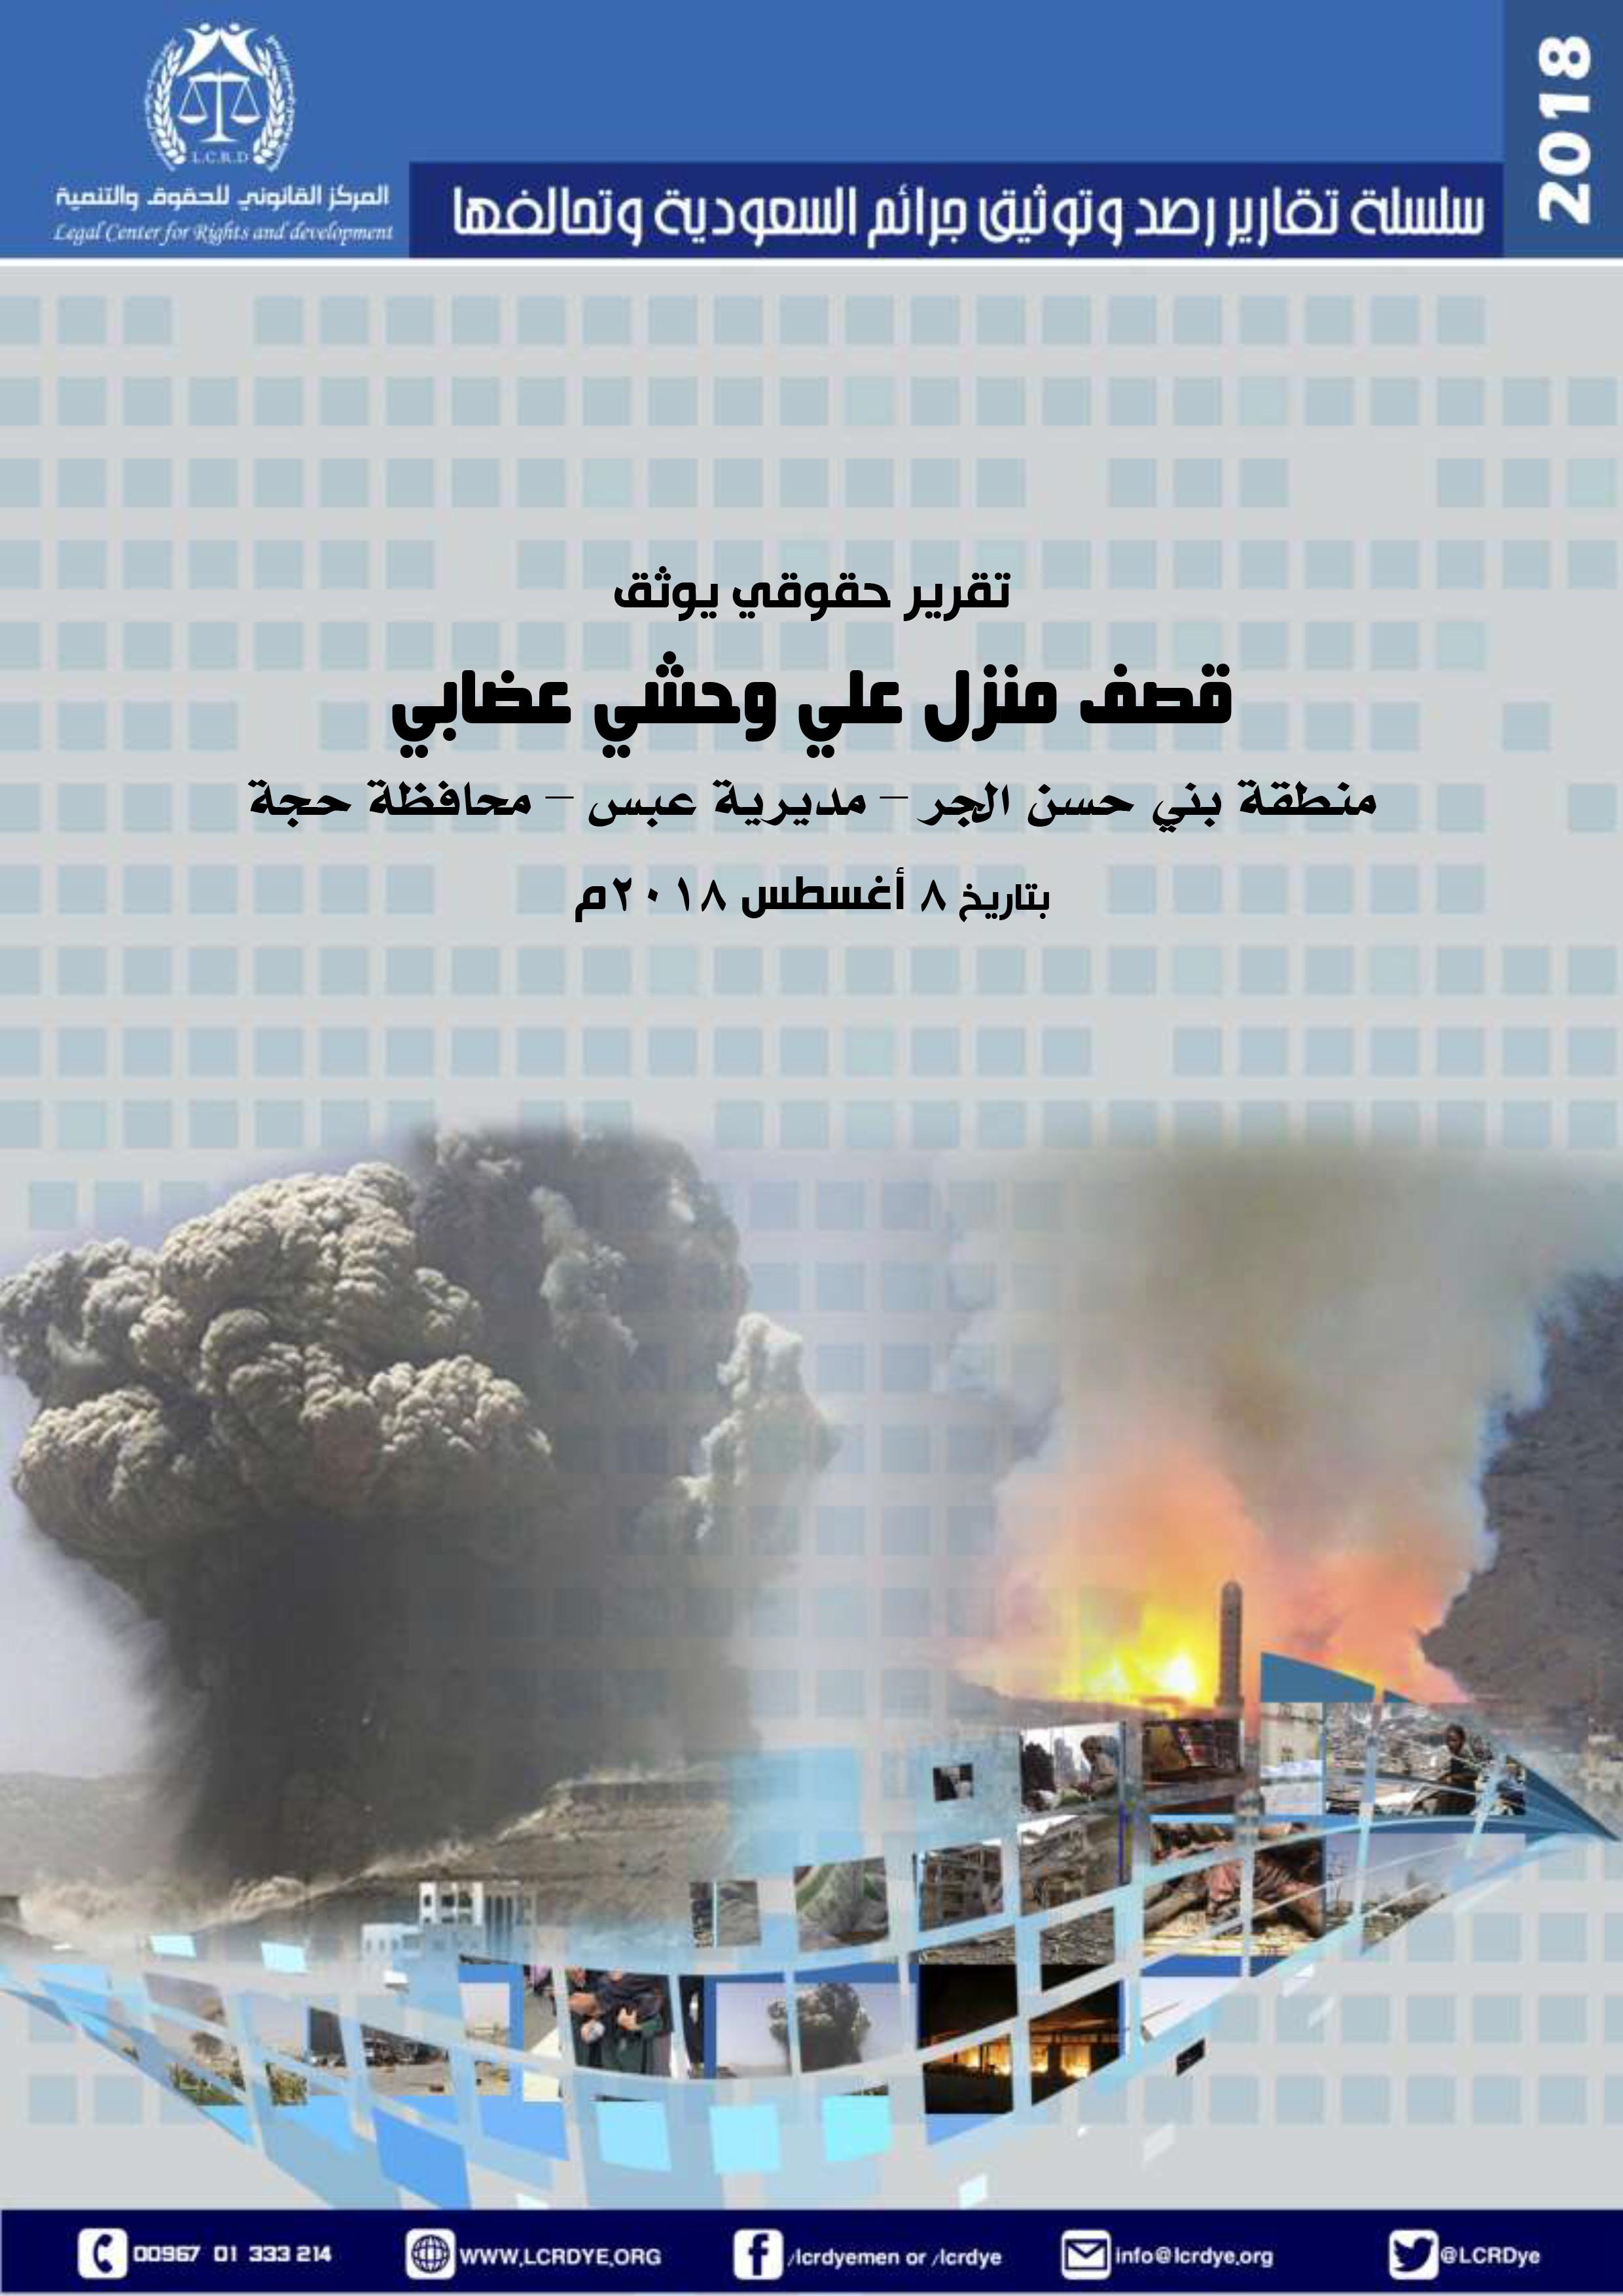 قصف منزل علي وحشي عضابي – بني حسن الجر عبس حجة 8-8-2018-1